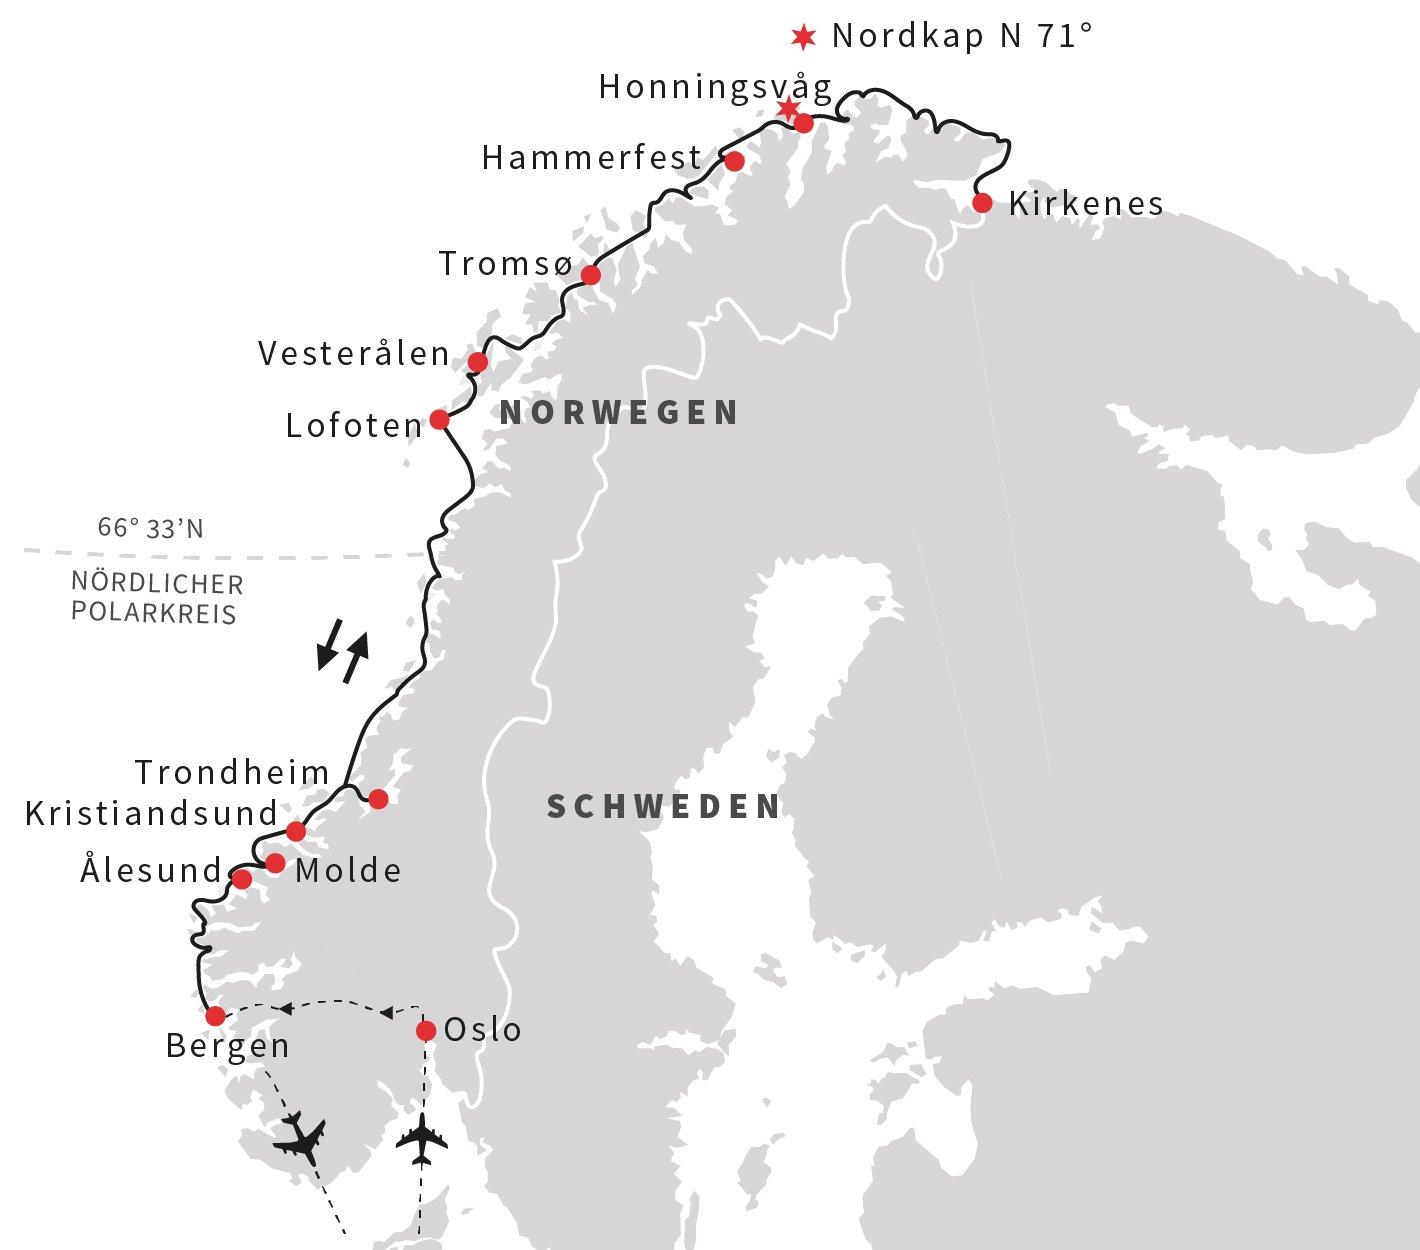 Maritimes Norwegen – Hurtigruten & Telemarkkanal | Hurtigruten